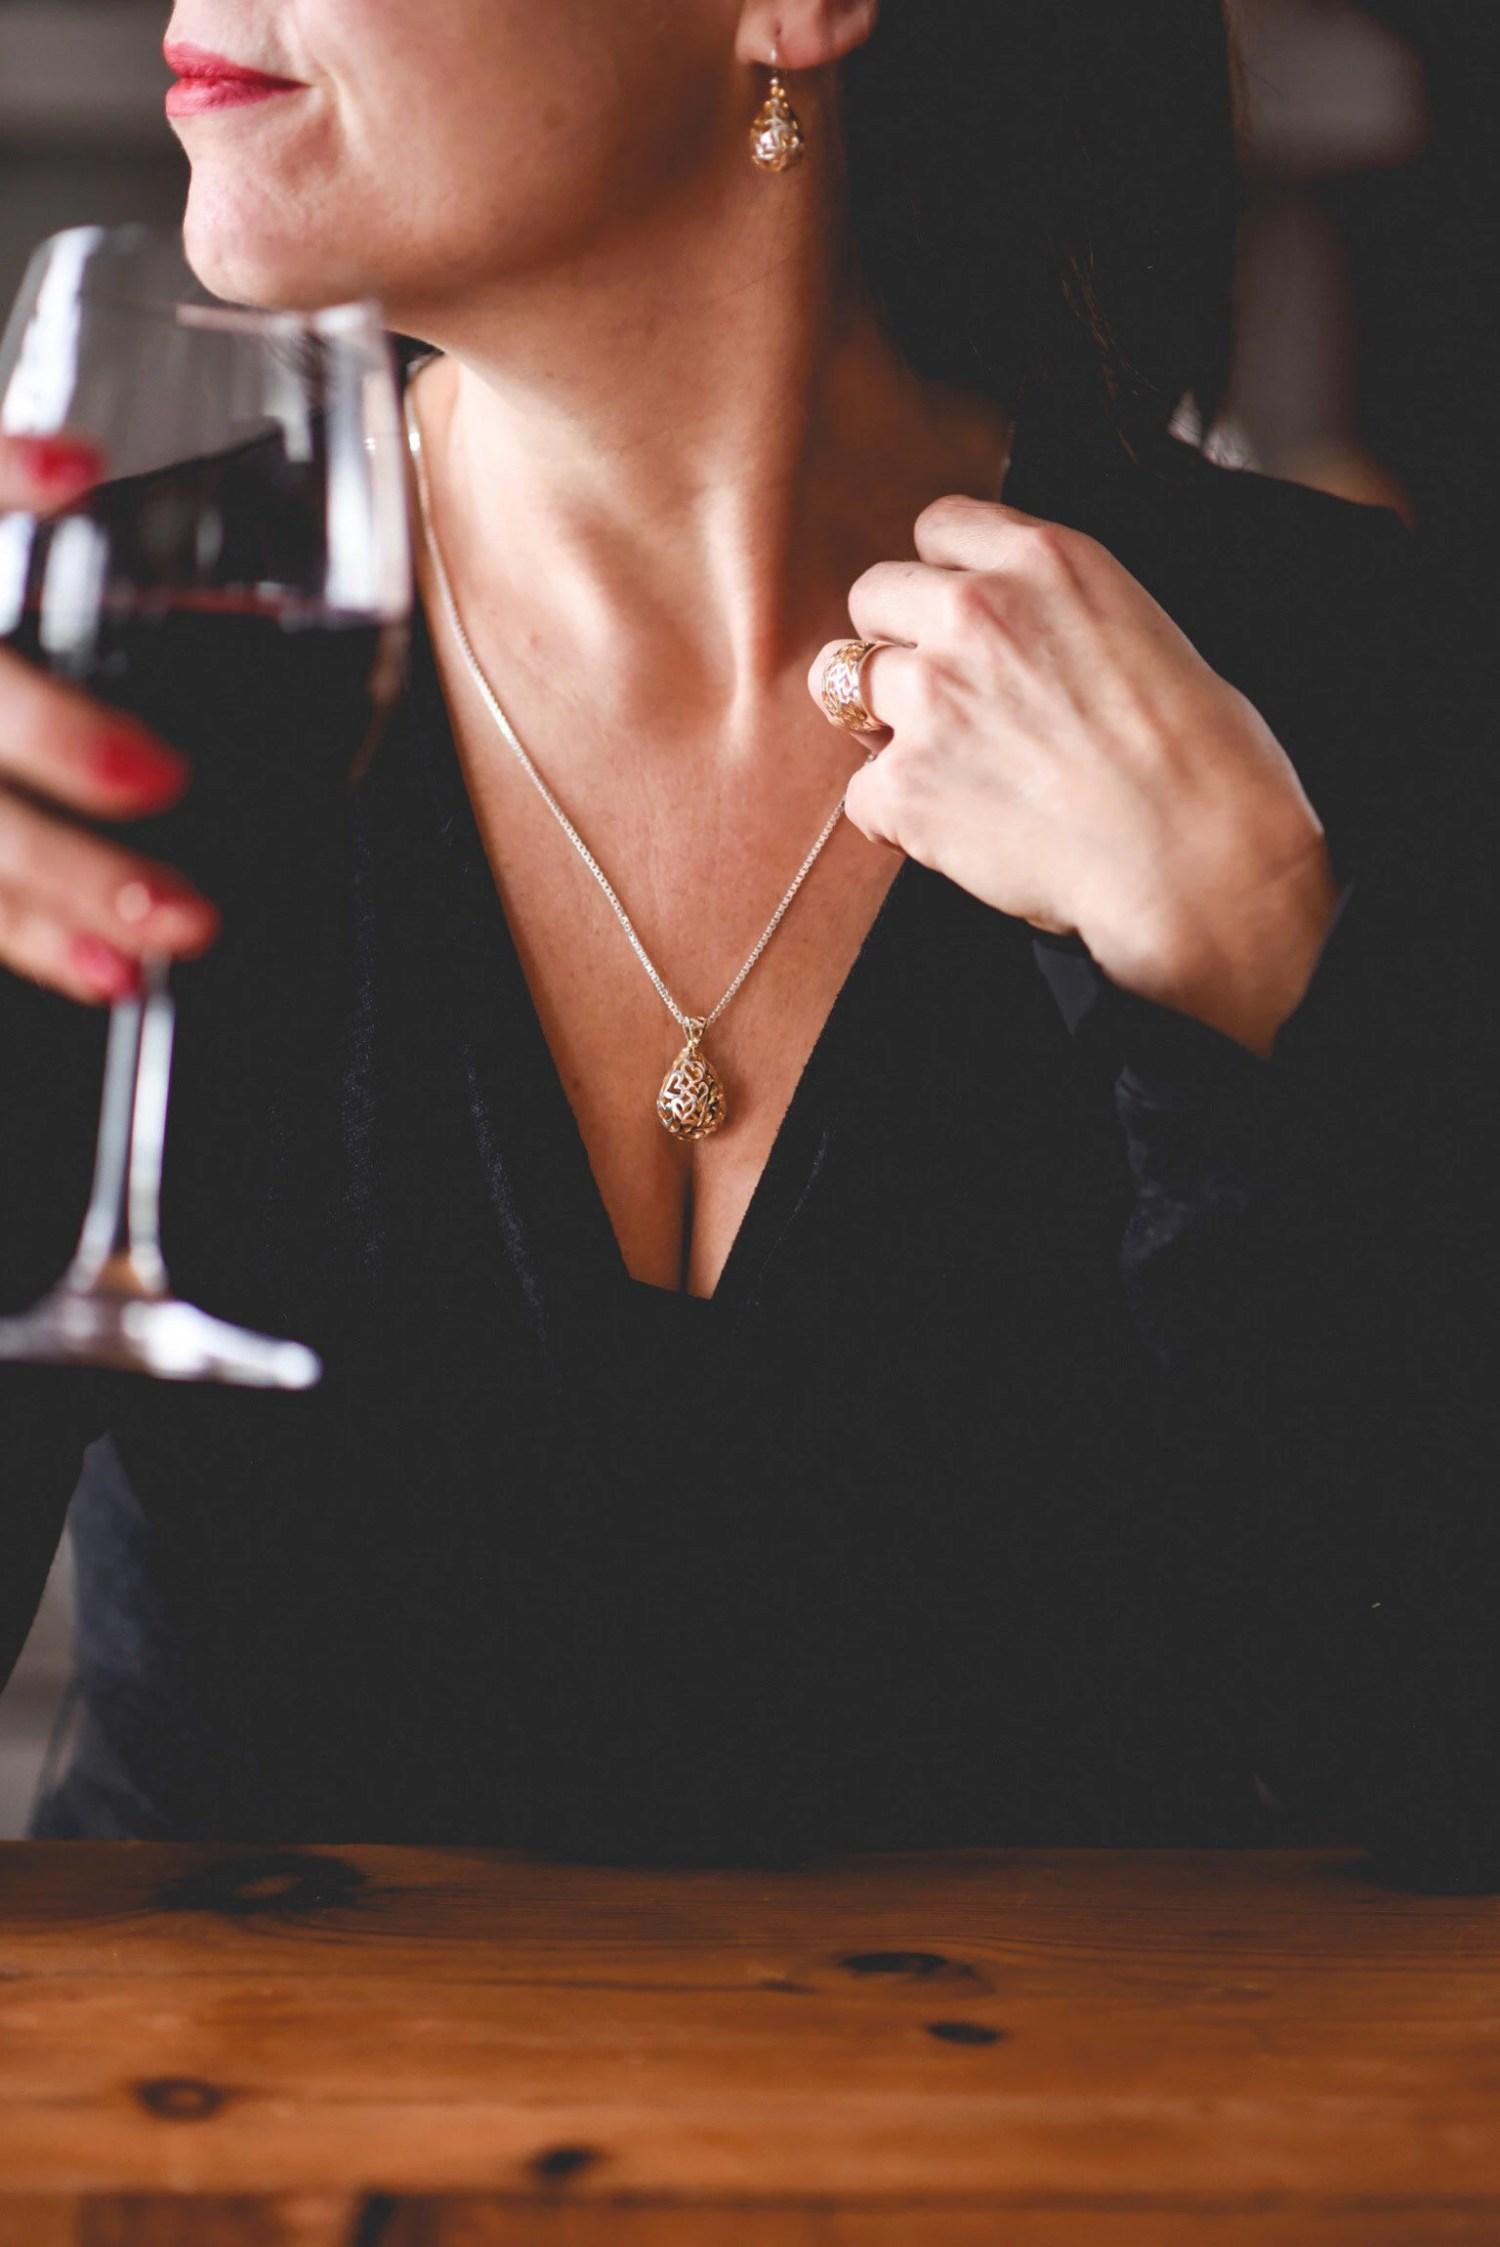 Pendentif coeurs ciselés, bijou symbolique, mariage, fiançaille, amoureux, st-valentin, collier argent coeurs, amour, dames d'honneur